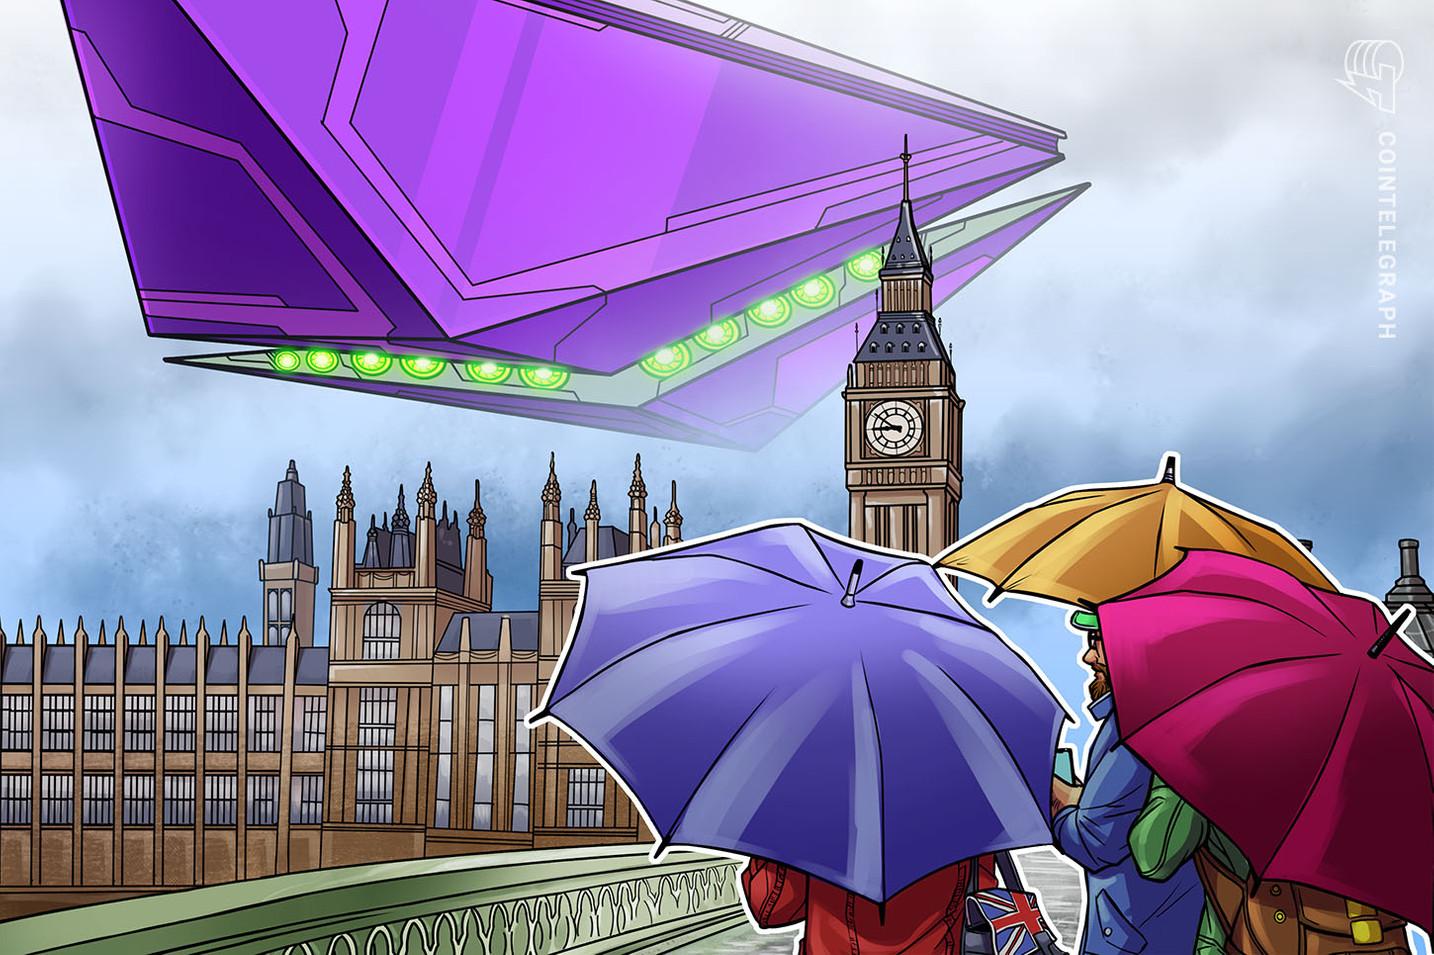 شوكة لندن تدخل testnet على Ethereum حيث ترى صعوبة القنبلة تأخيرًا